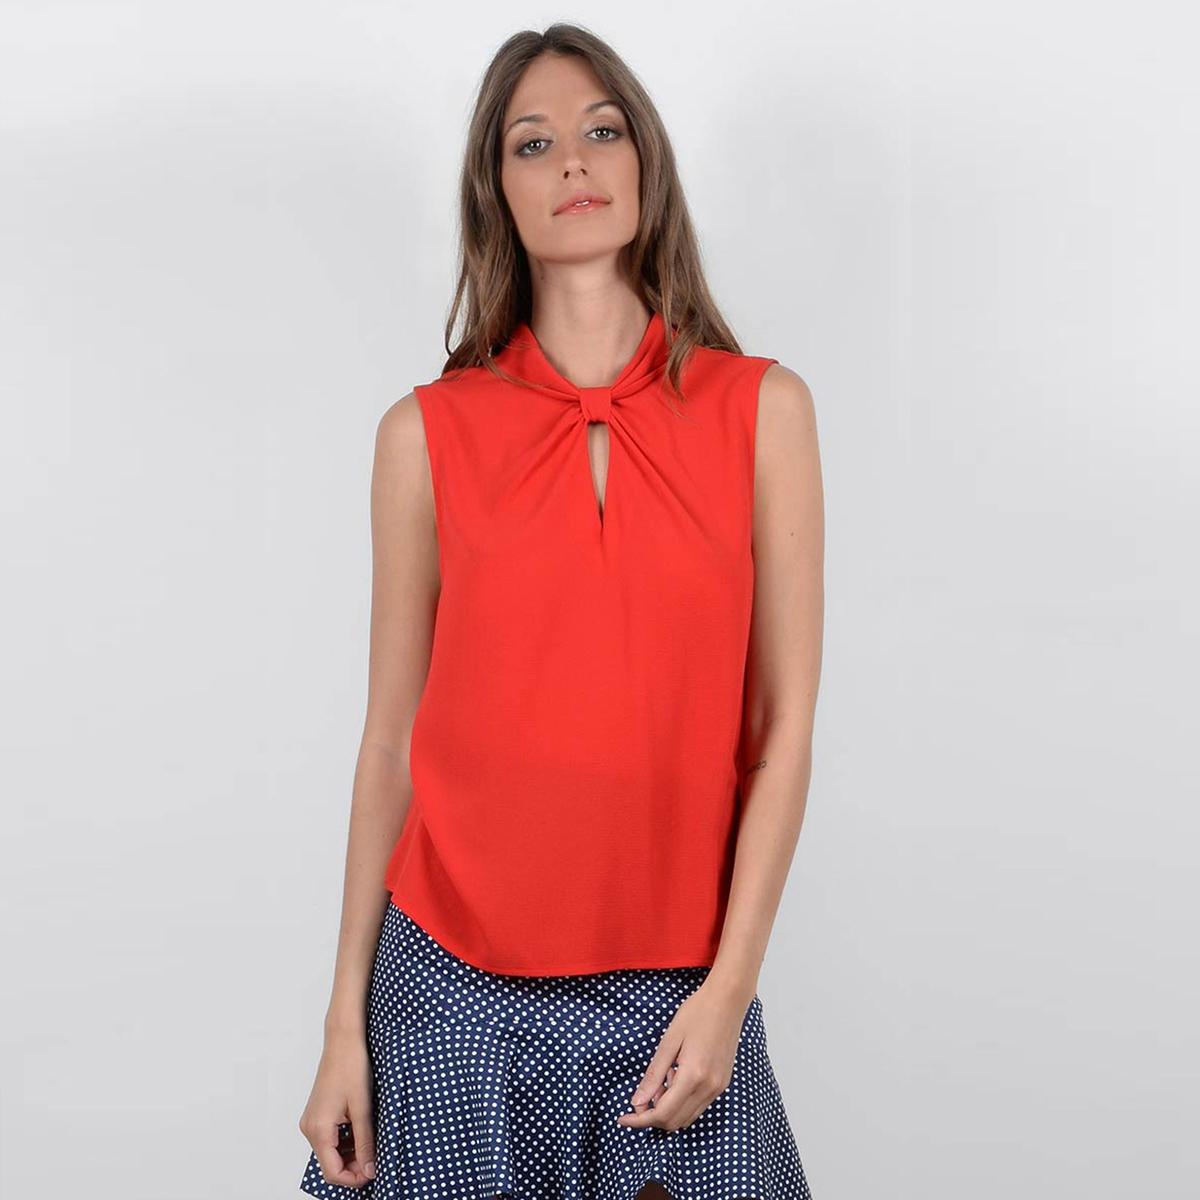 Блузка однотонная с круглым вырезом без рукавов блузка однотонная с круглым вырезом без рукавов